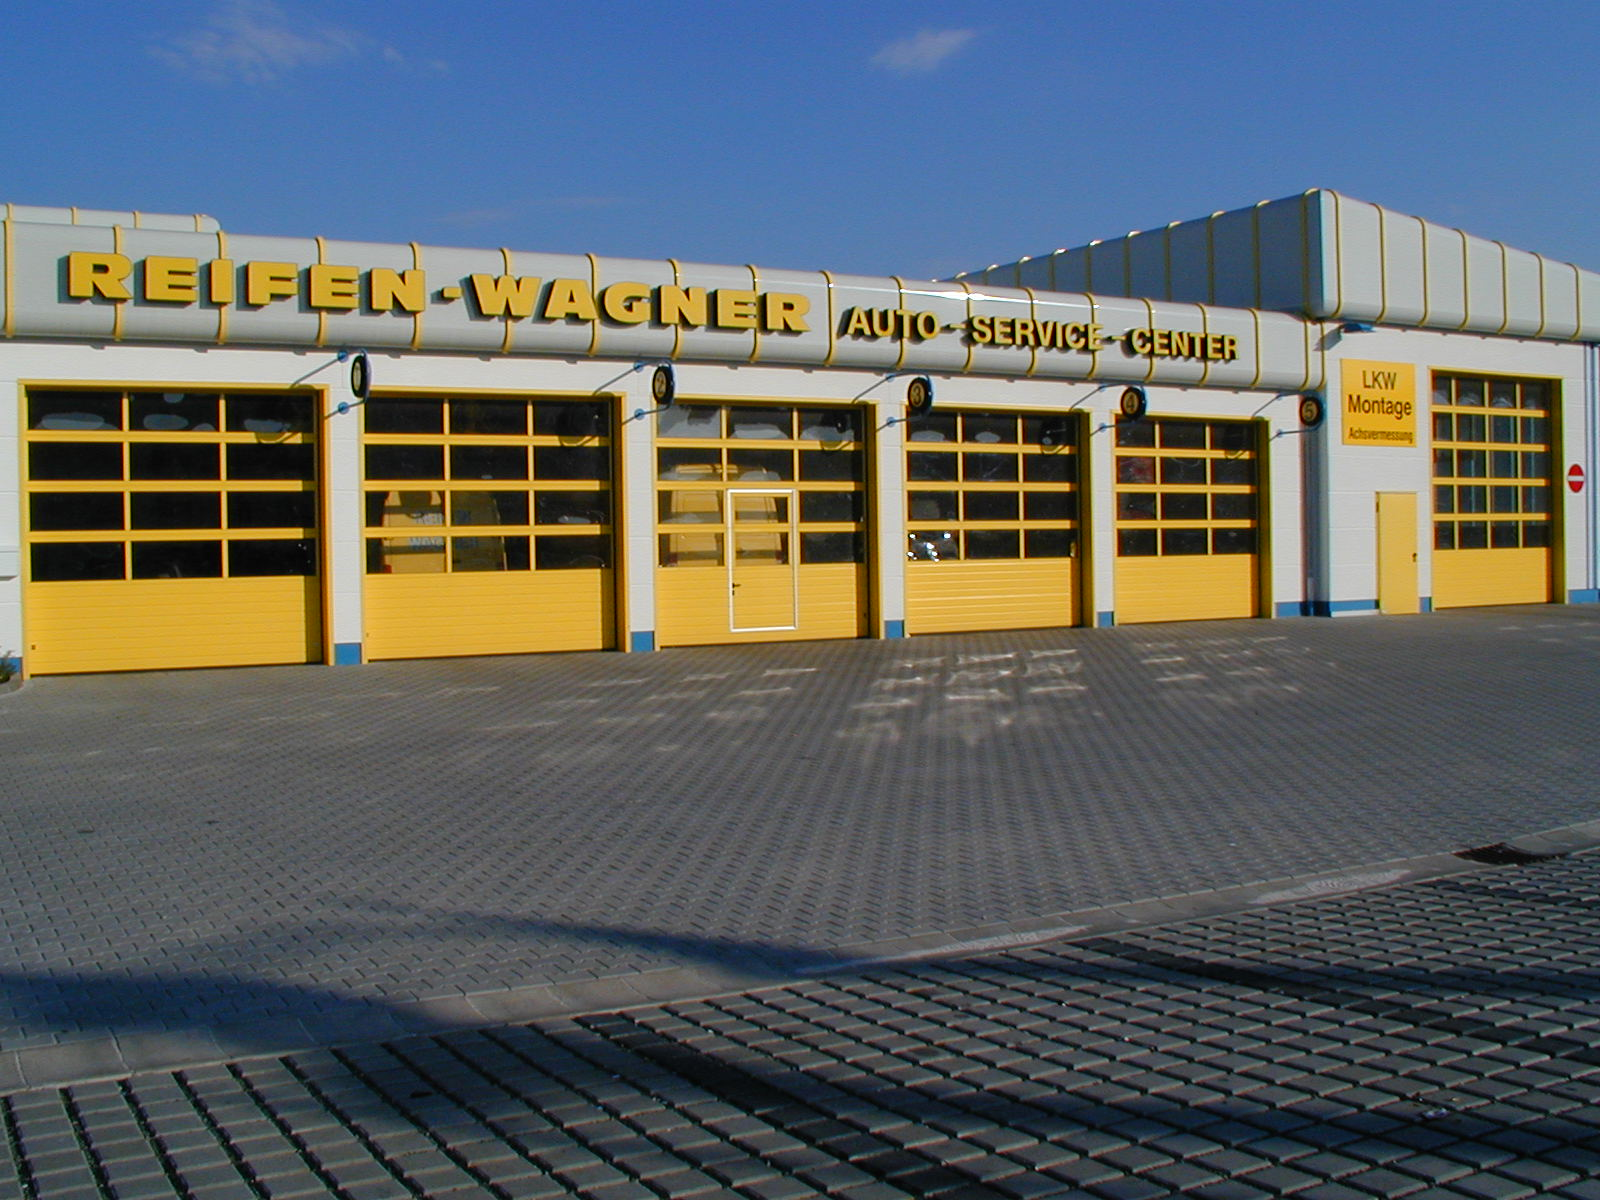 Reifen-Wagner2